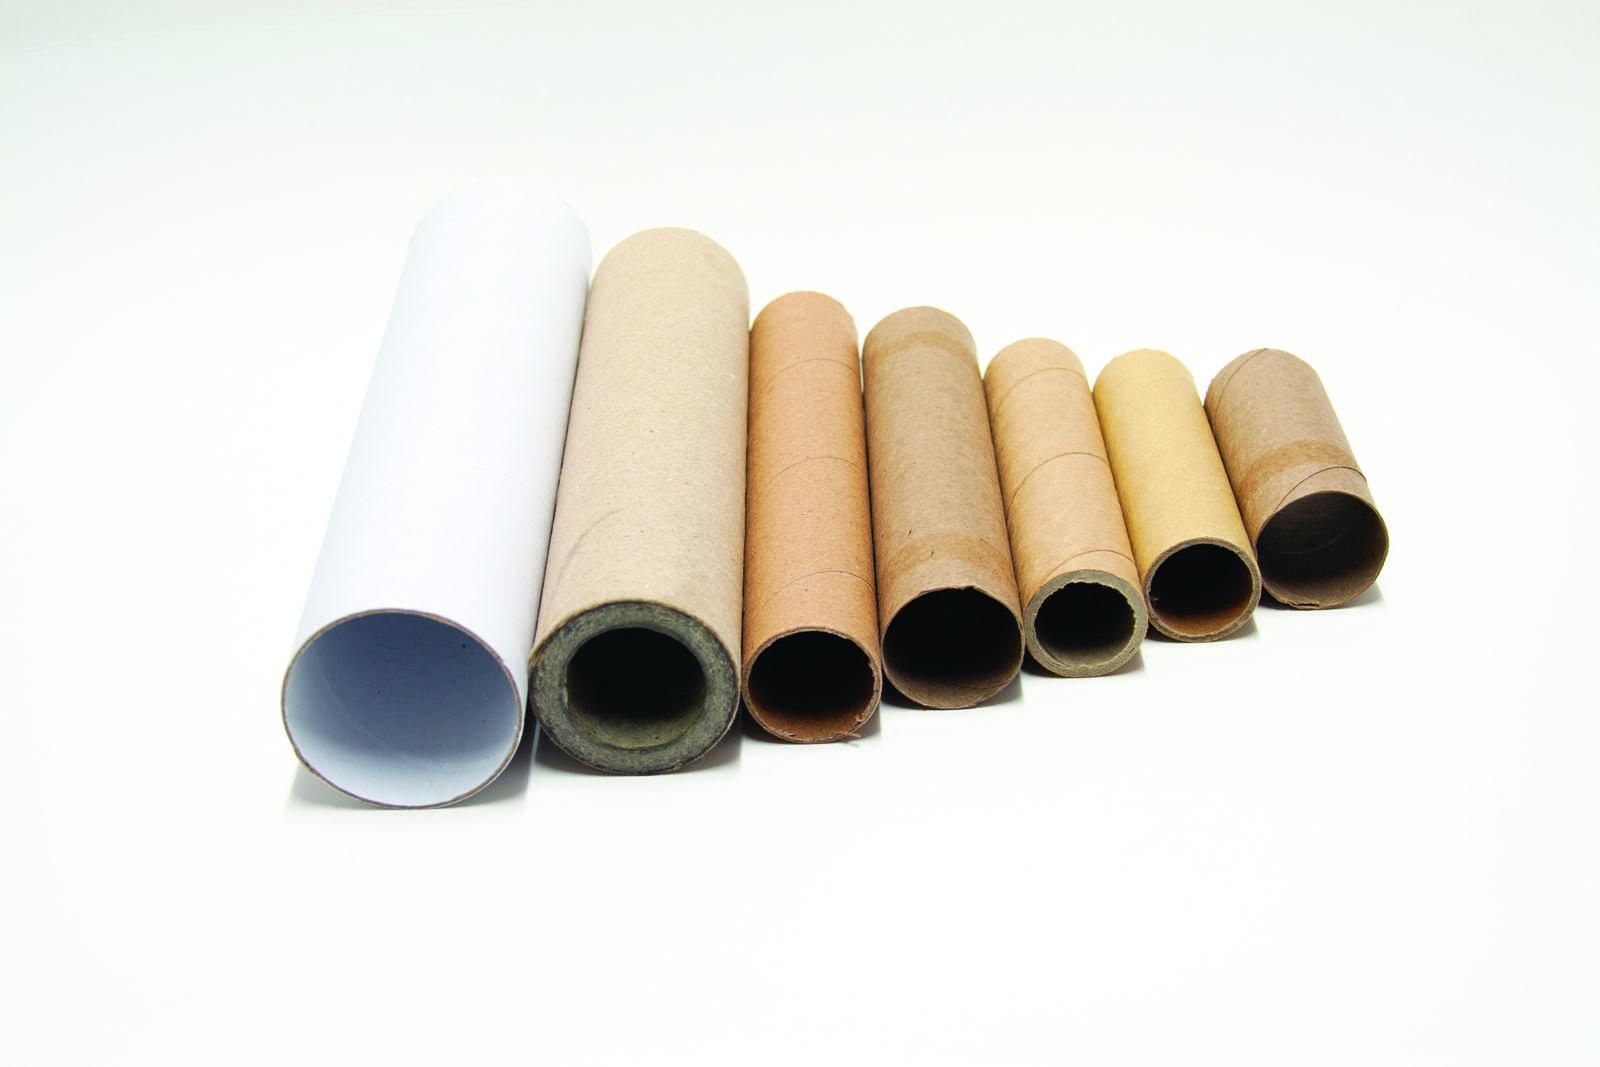 makedo-wp-xylophone-tubes.jpg